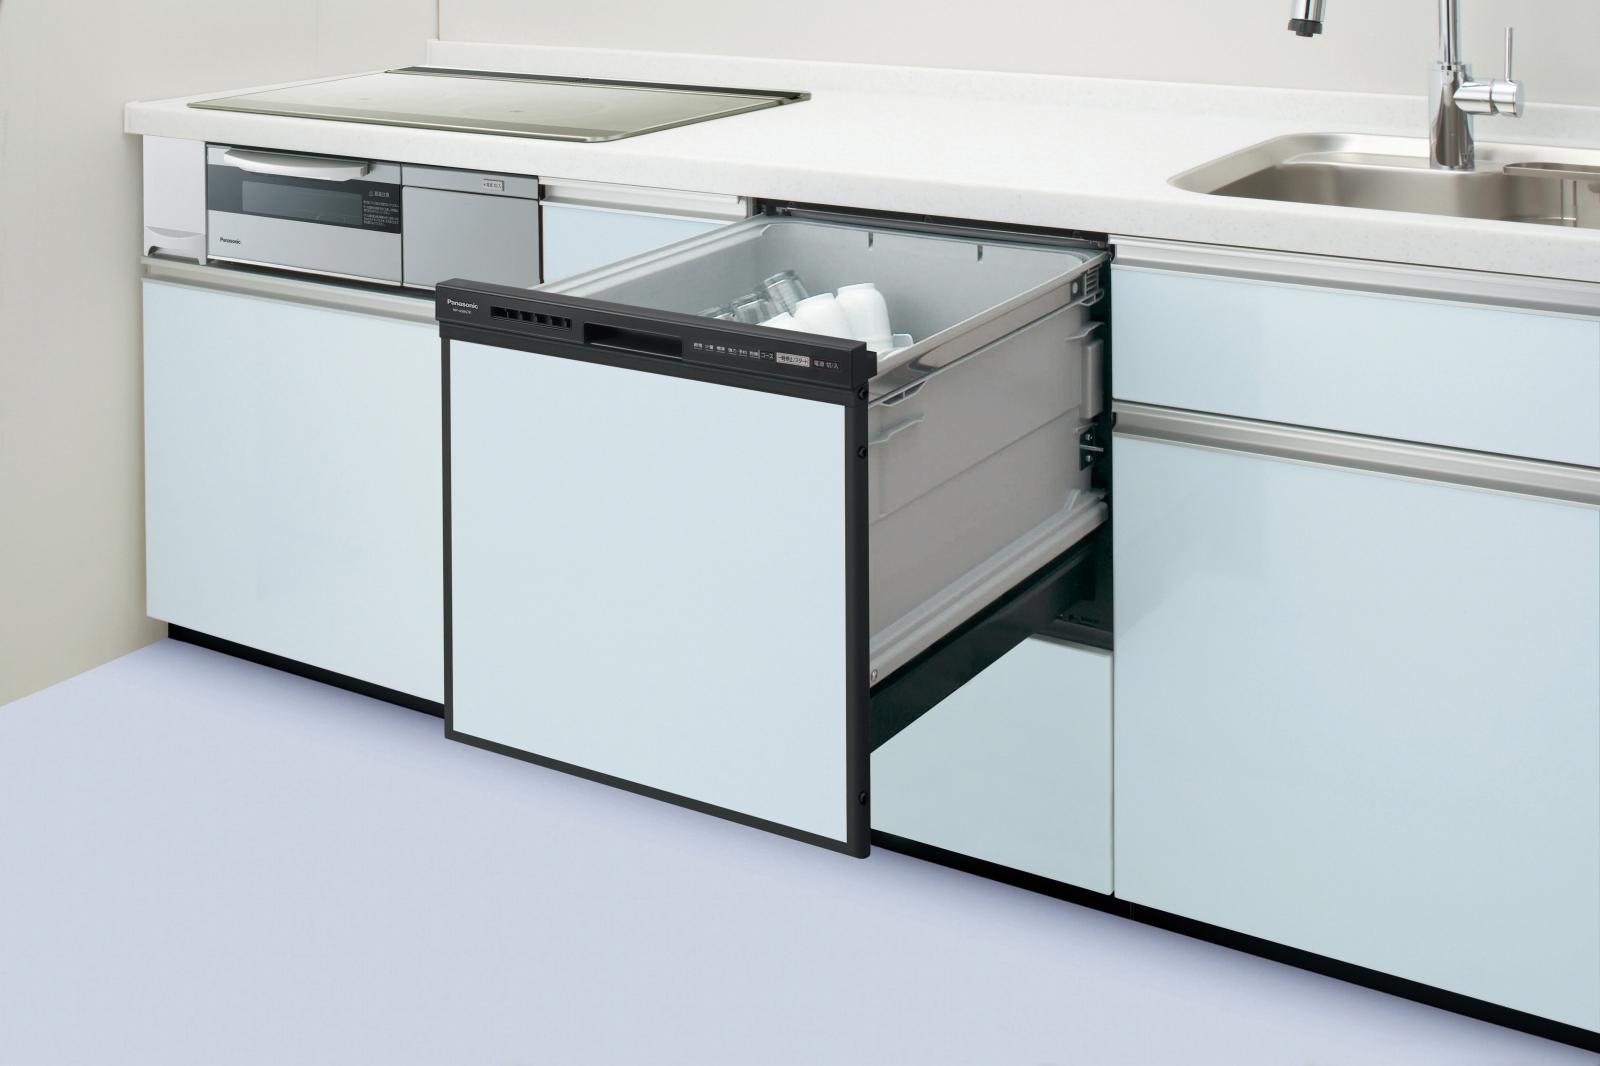 パナソニック・ビルトイン食器洗乾燥機(食洗機)【NP-45RS7K】幅45cm ミドルタイプ・ドアパネル型/ブラック【NP-45RS6Kの後継品】【延長保証5年間対象商品】